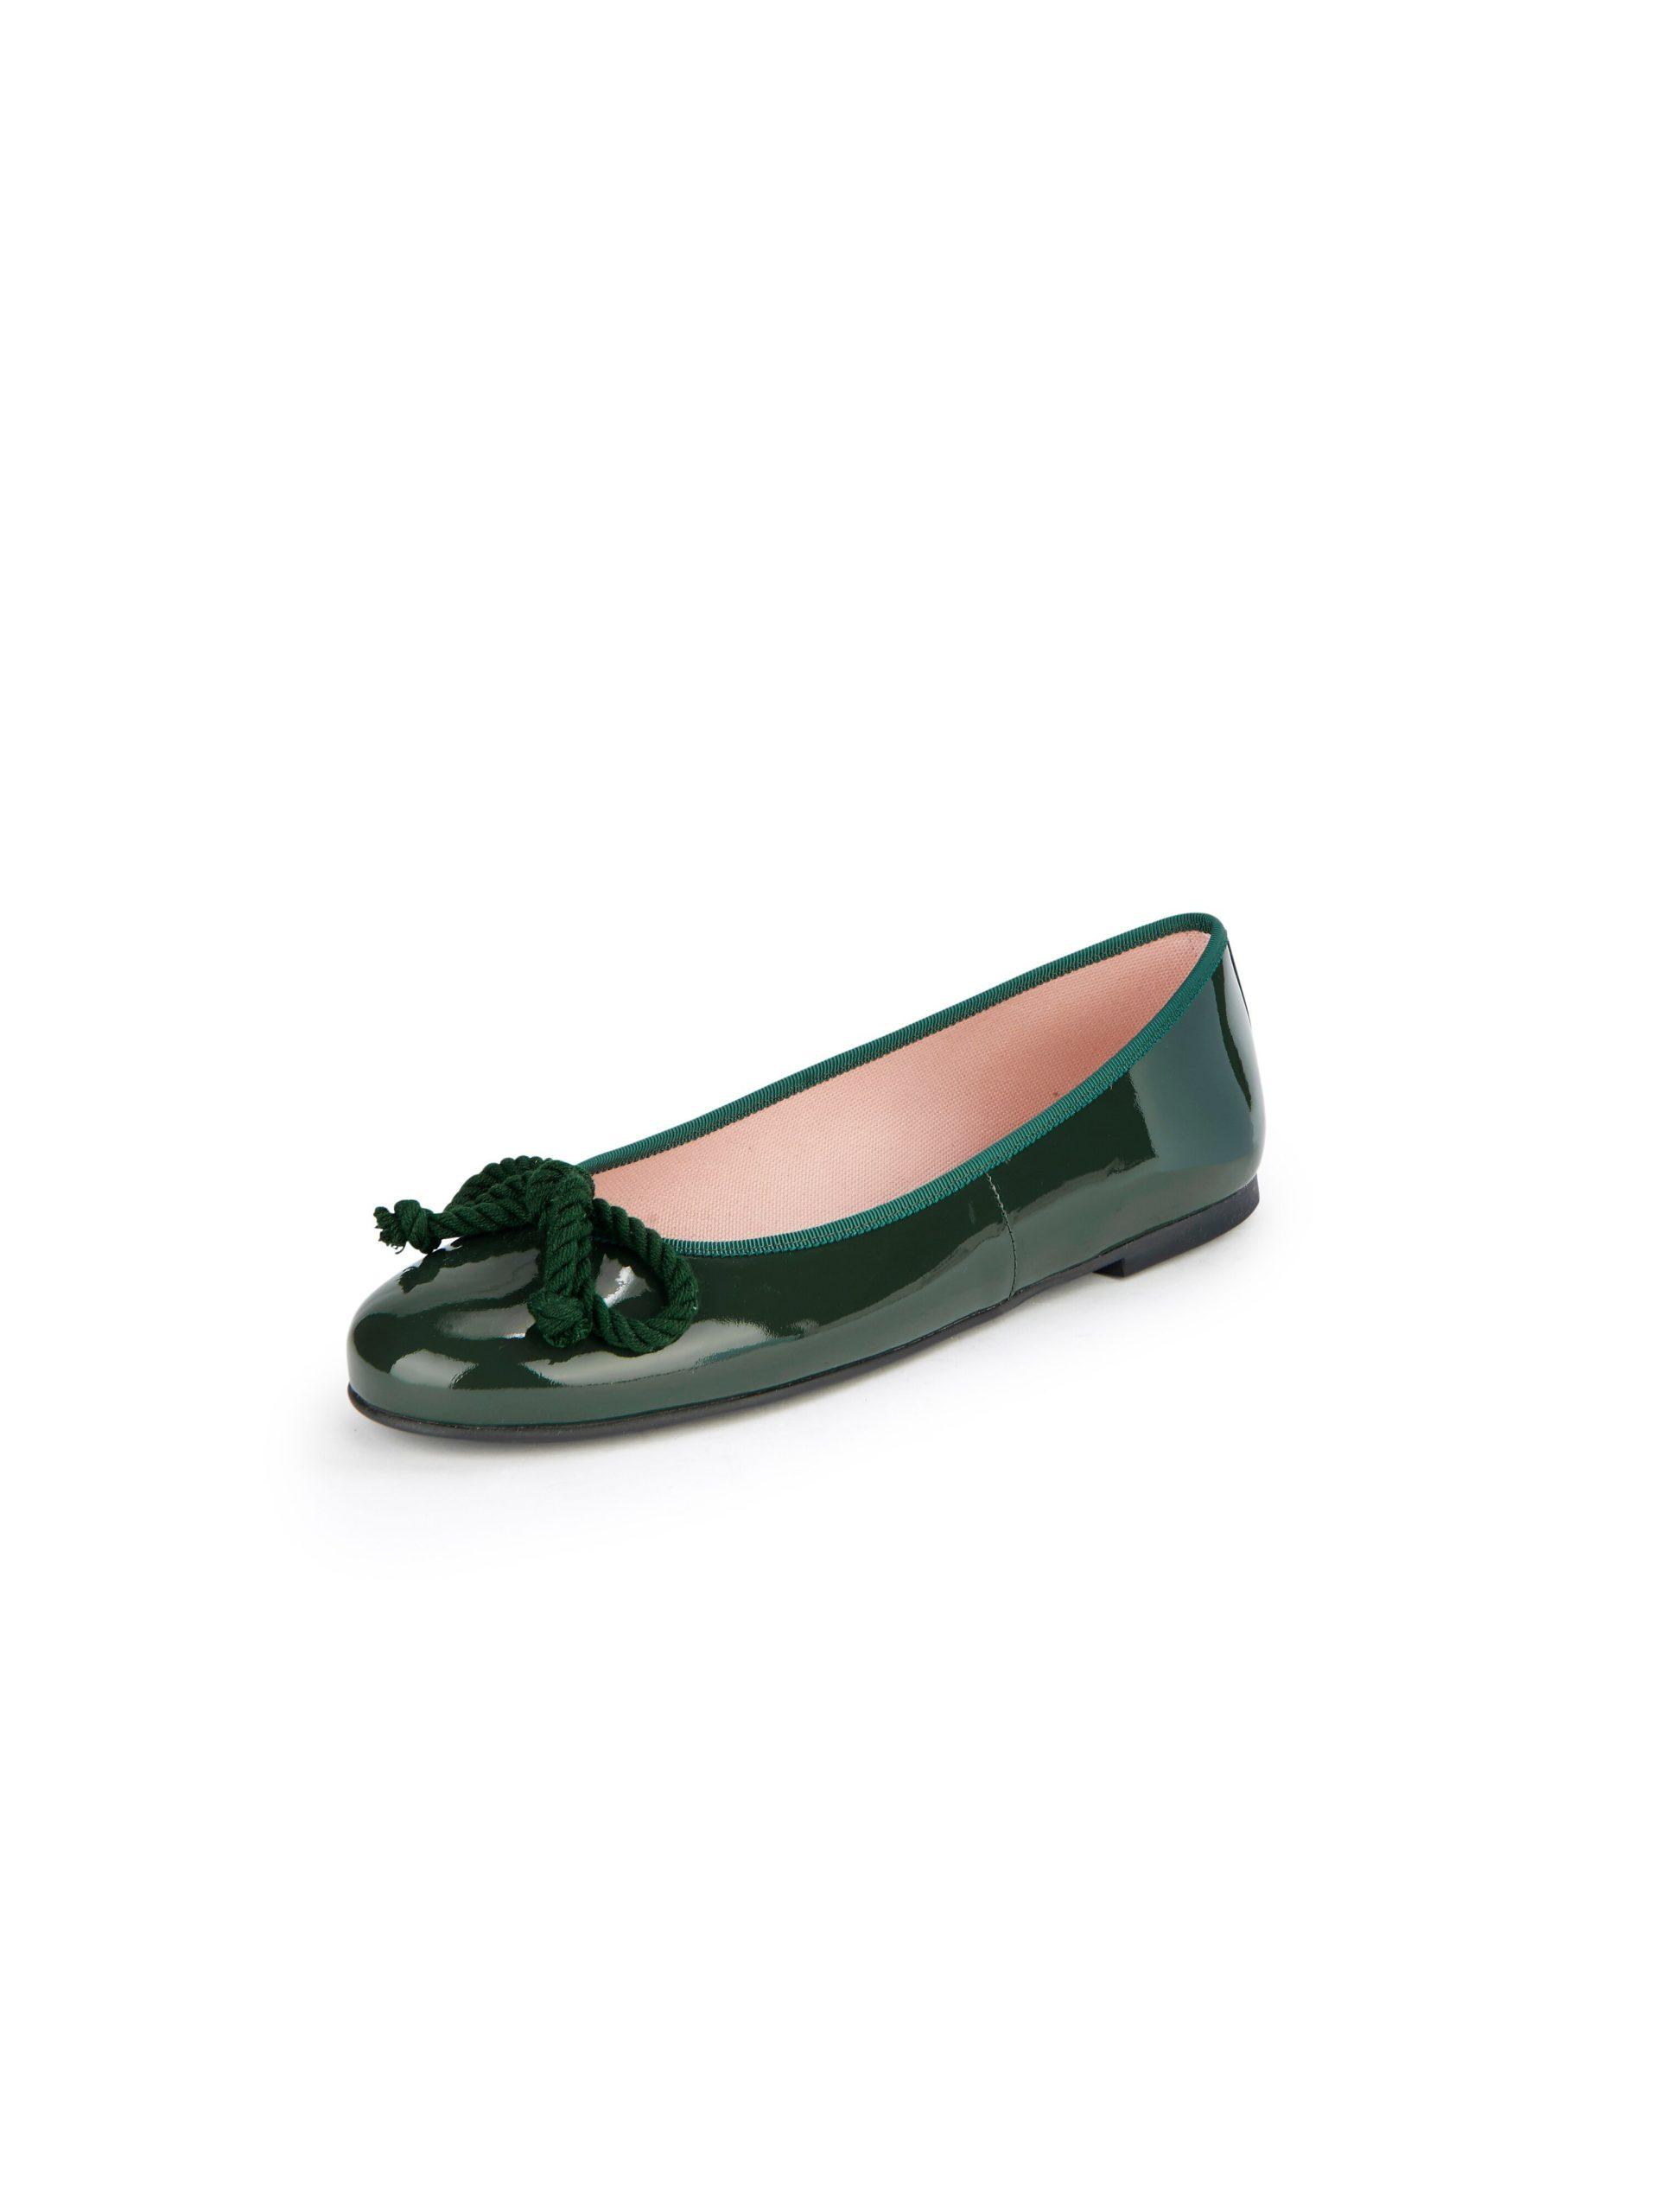 Ballerina's van kalfslakleer Van Pretty Ballerinas groen Kopen